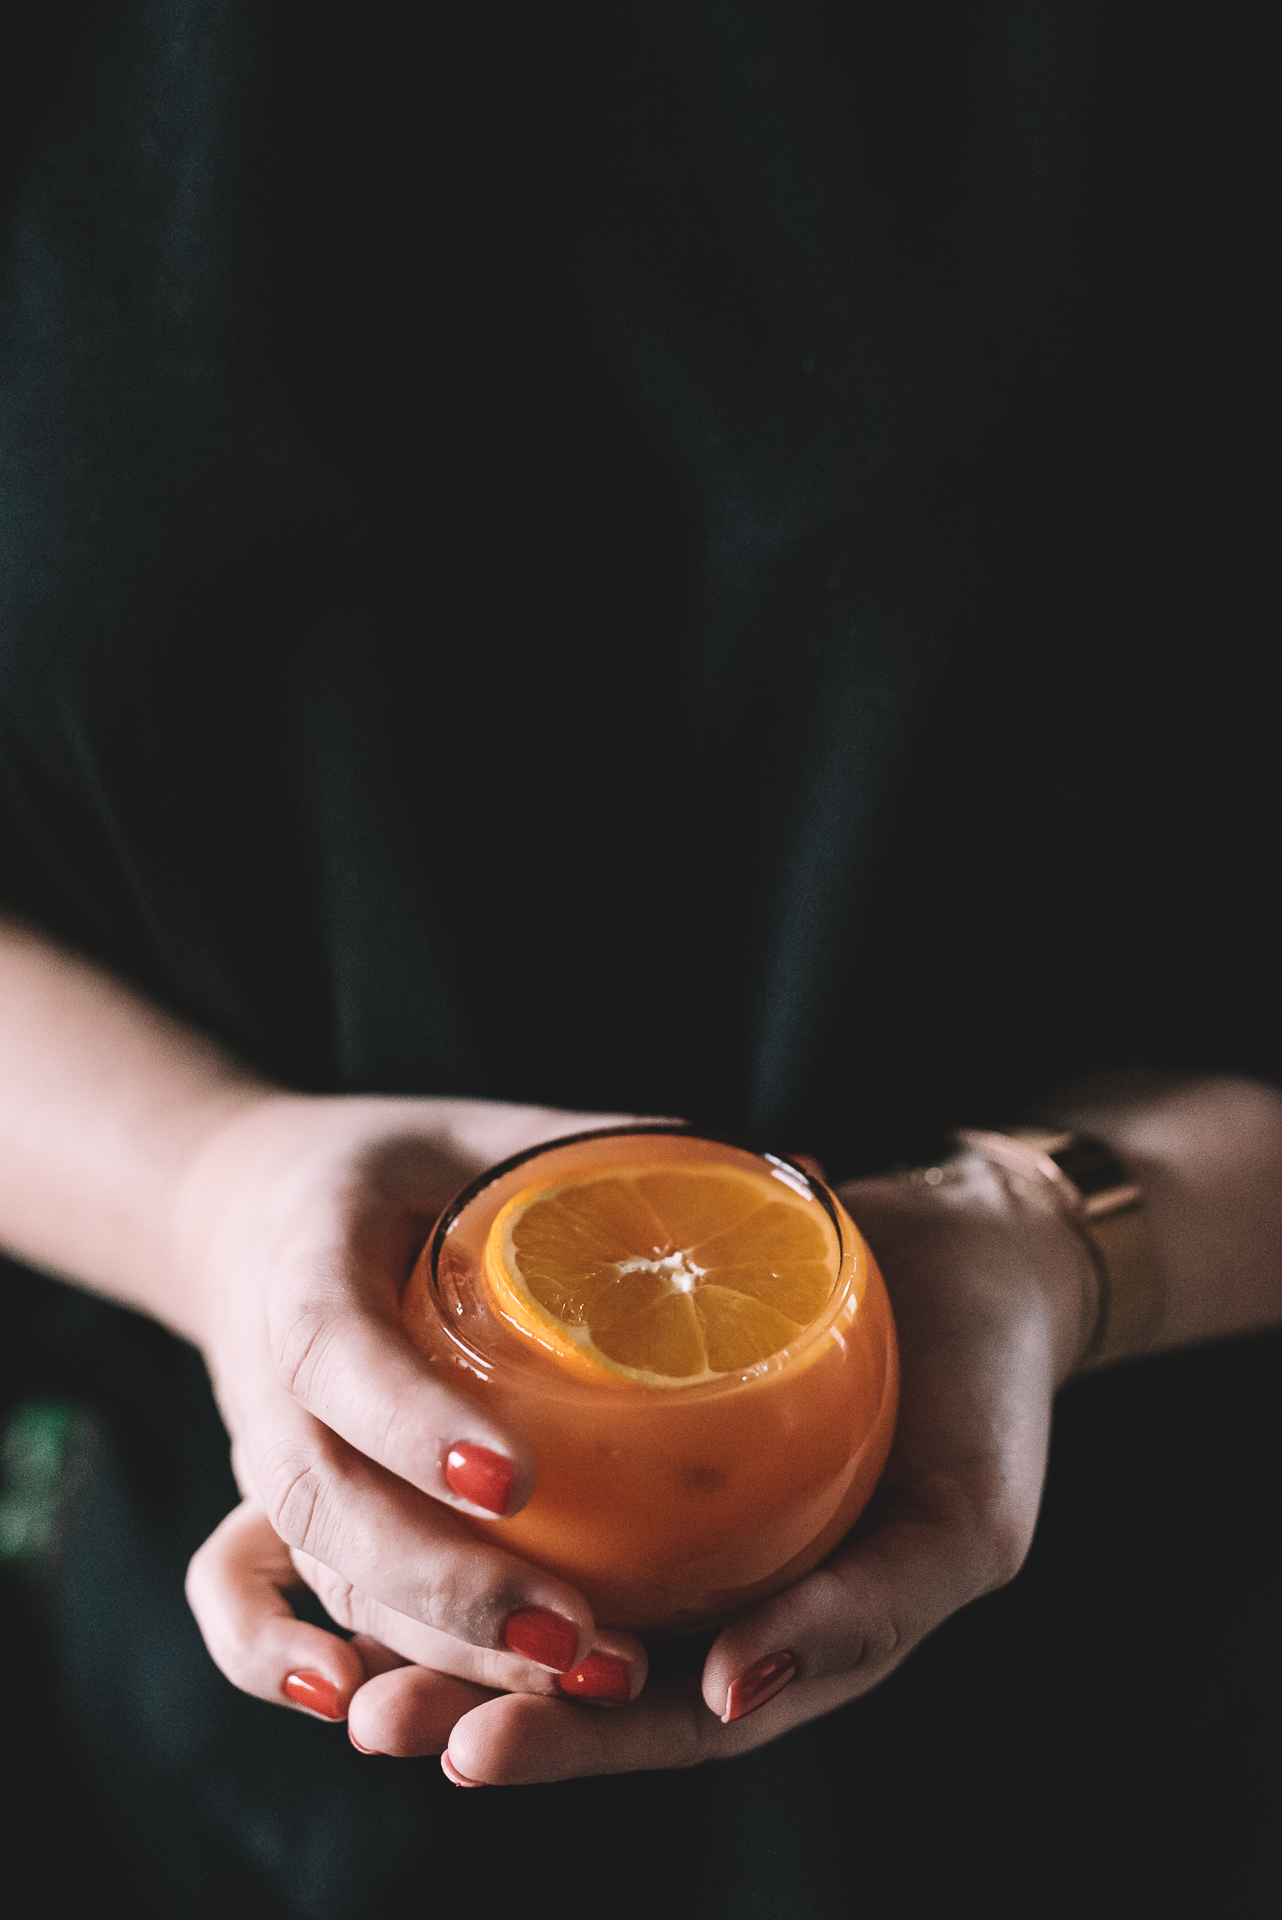 sok z pomarańczy świeżo wyciskany